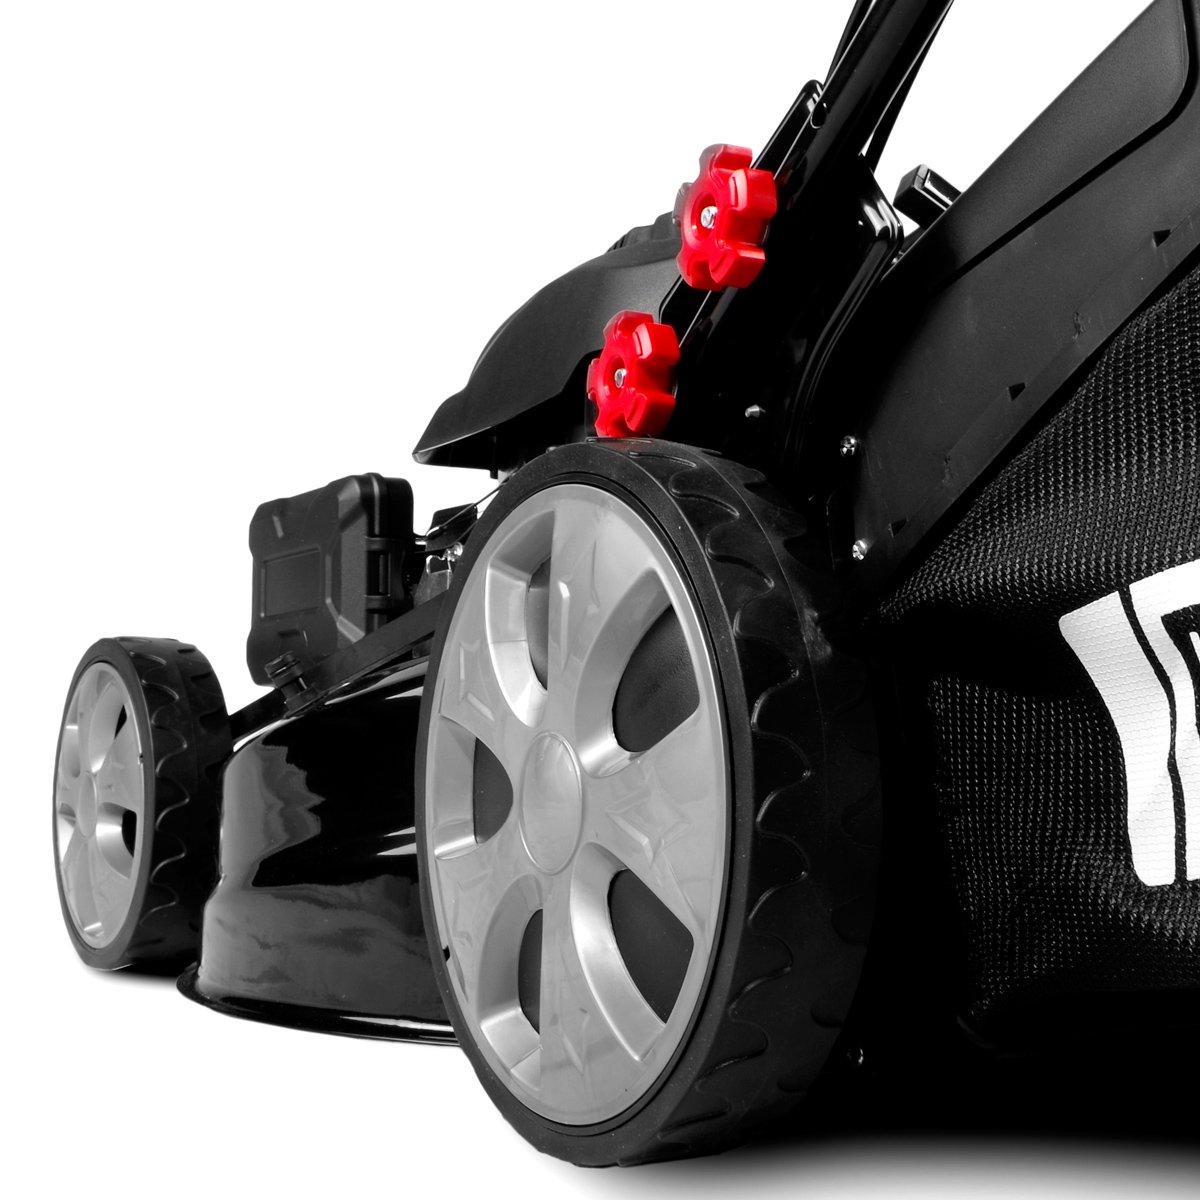 Cortacésped de gasolina Brast autopropulsado, caja de cambios GT ...